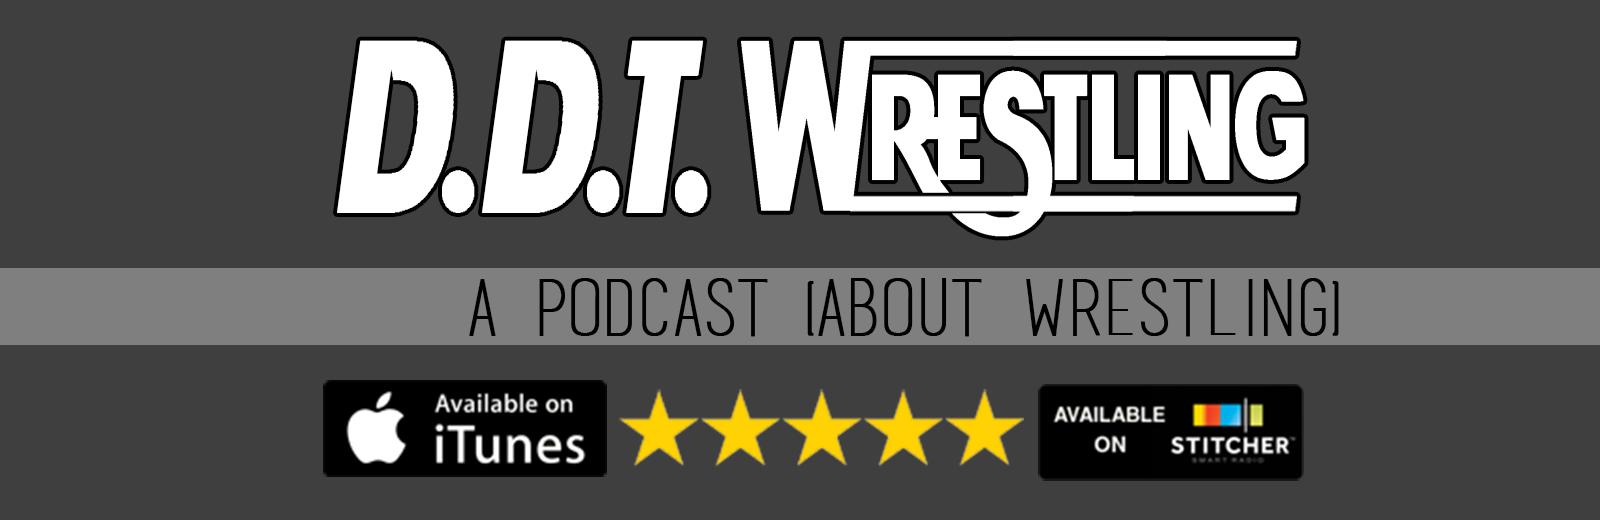 DDT Wrestling Store